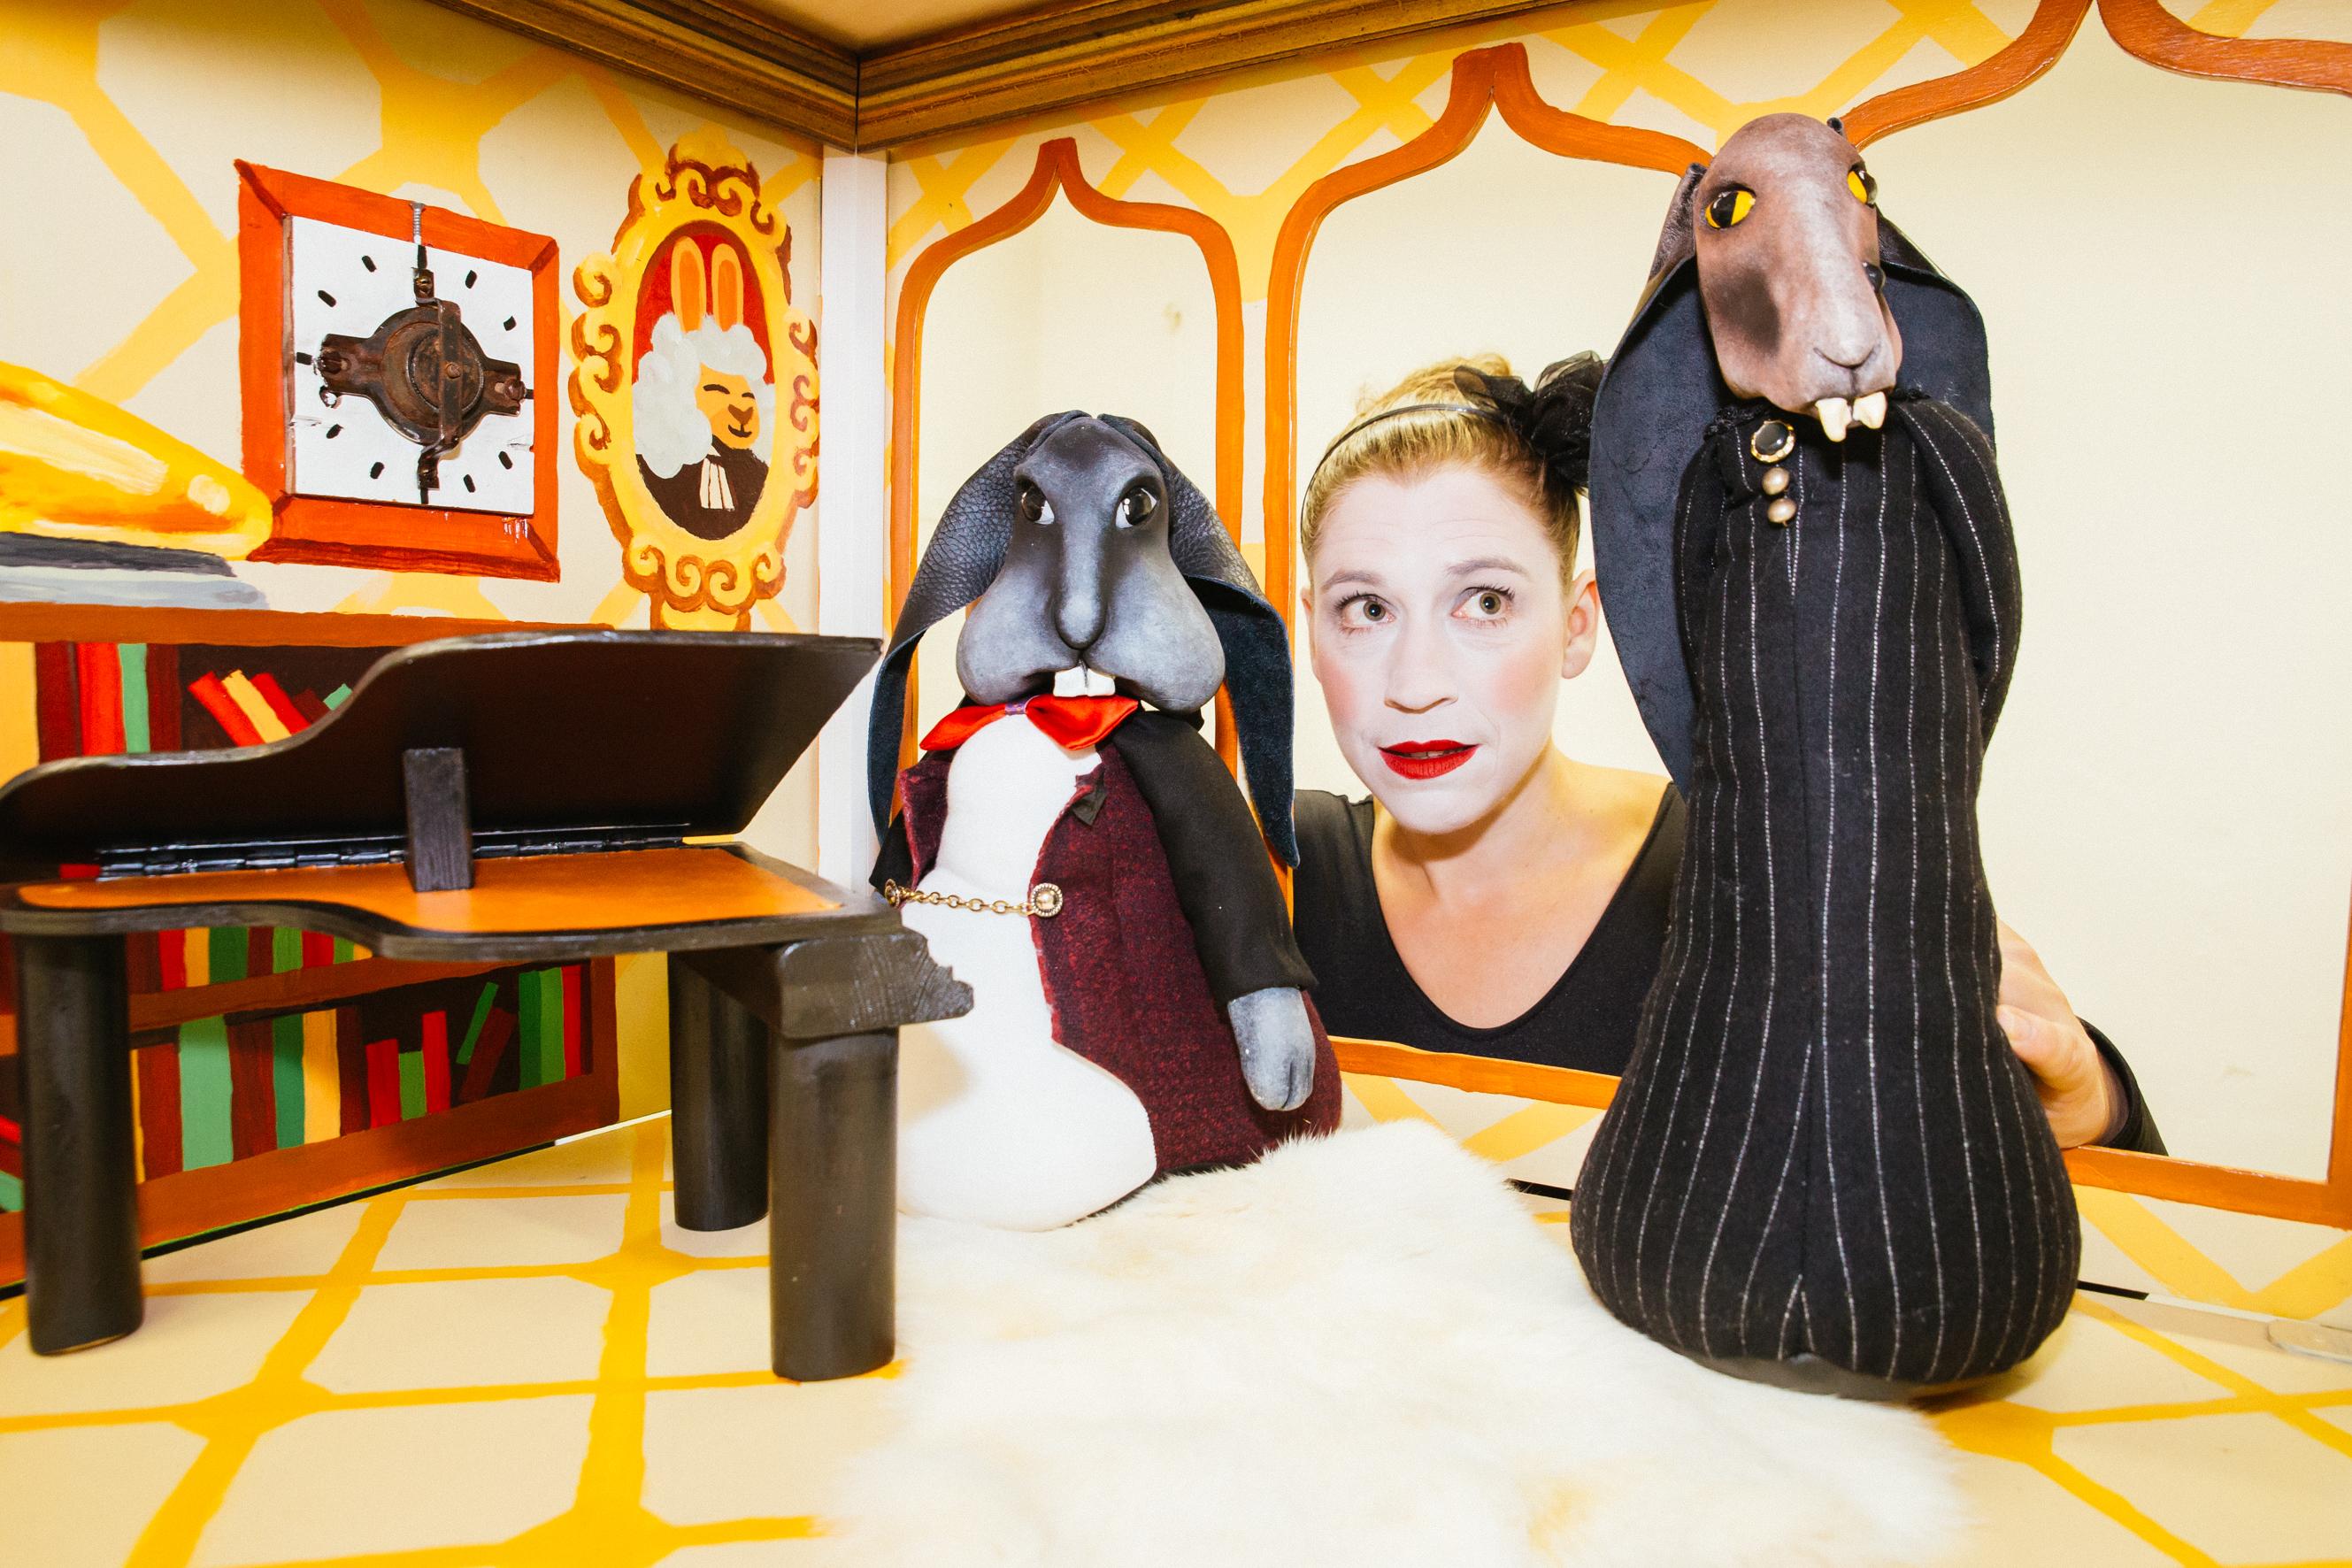 Pressefoto der Figurentheater Inszenierung 'Der Sängerkrieg der Heidehasen' mit einer Szene im Singzimmer von Herrn Direktor Wackelohr und dem Minister für Hasengesang. Im Hintergrund spielt Julia Raab die Figuren.; Foto: Julia Fenske